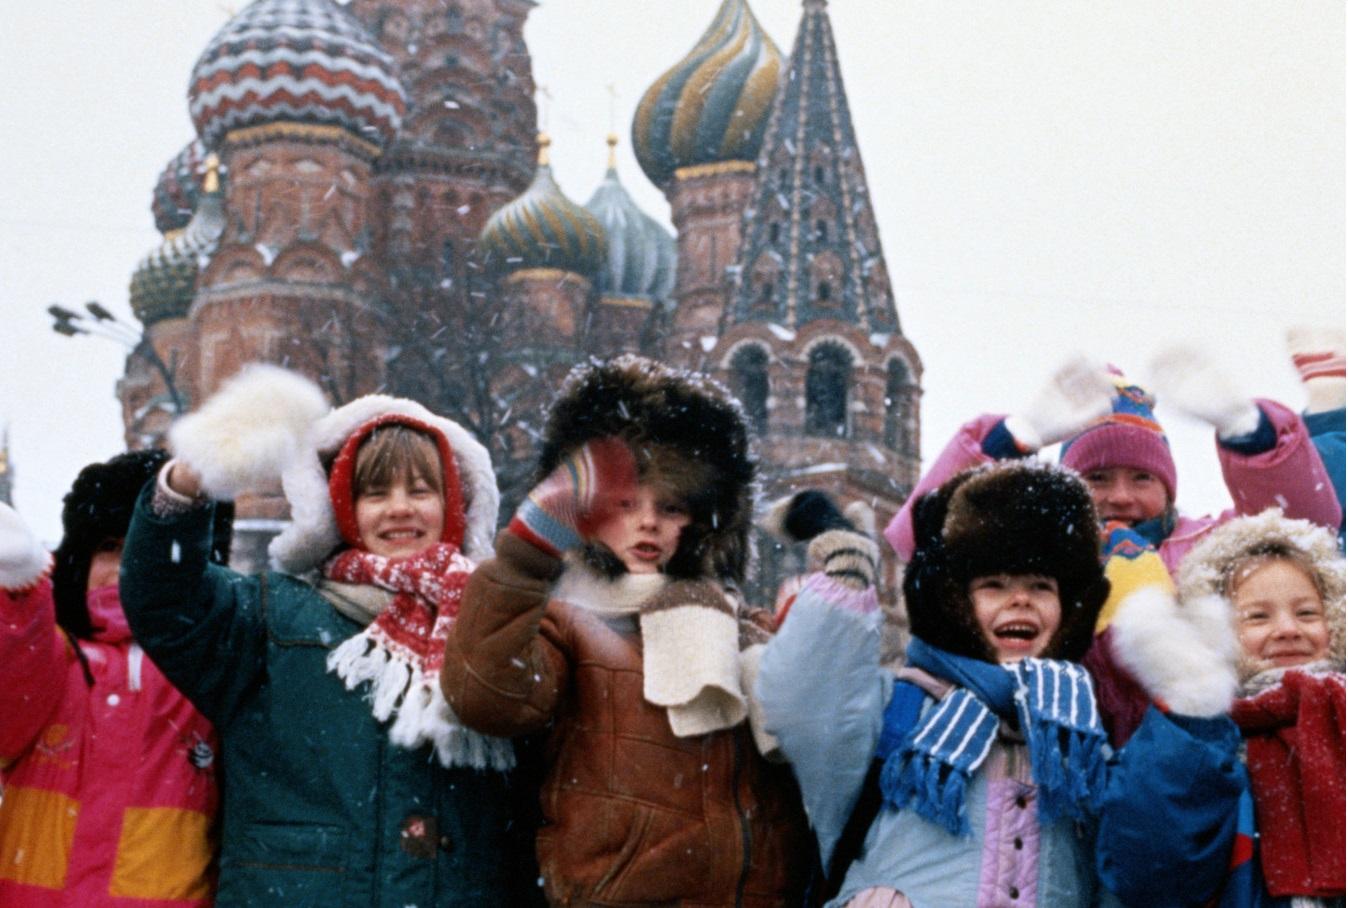 Aborto vietato in russia